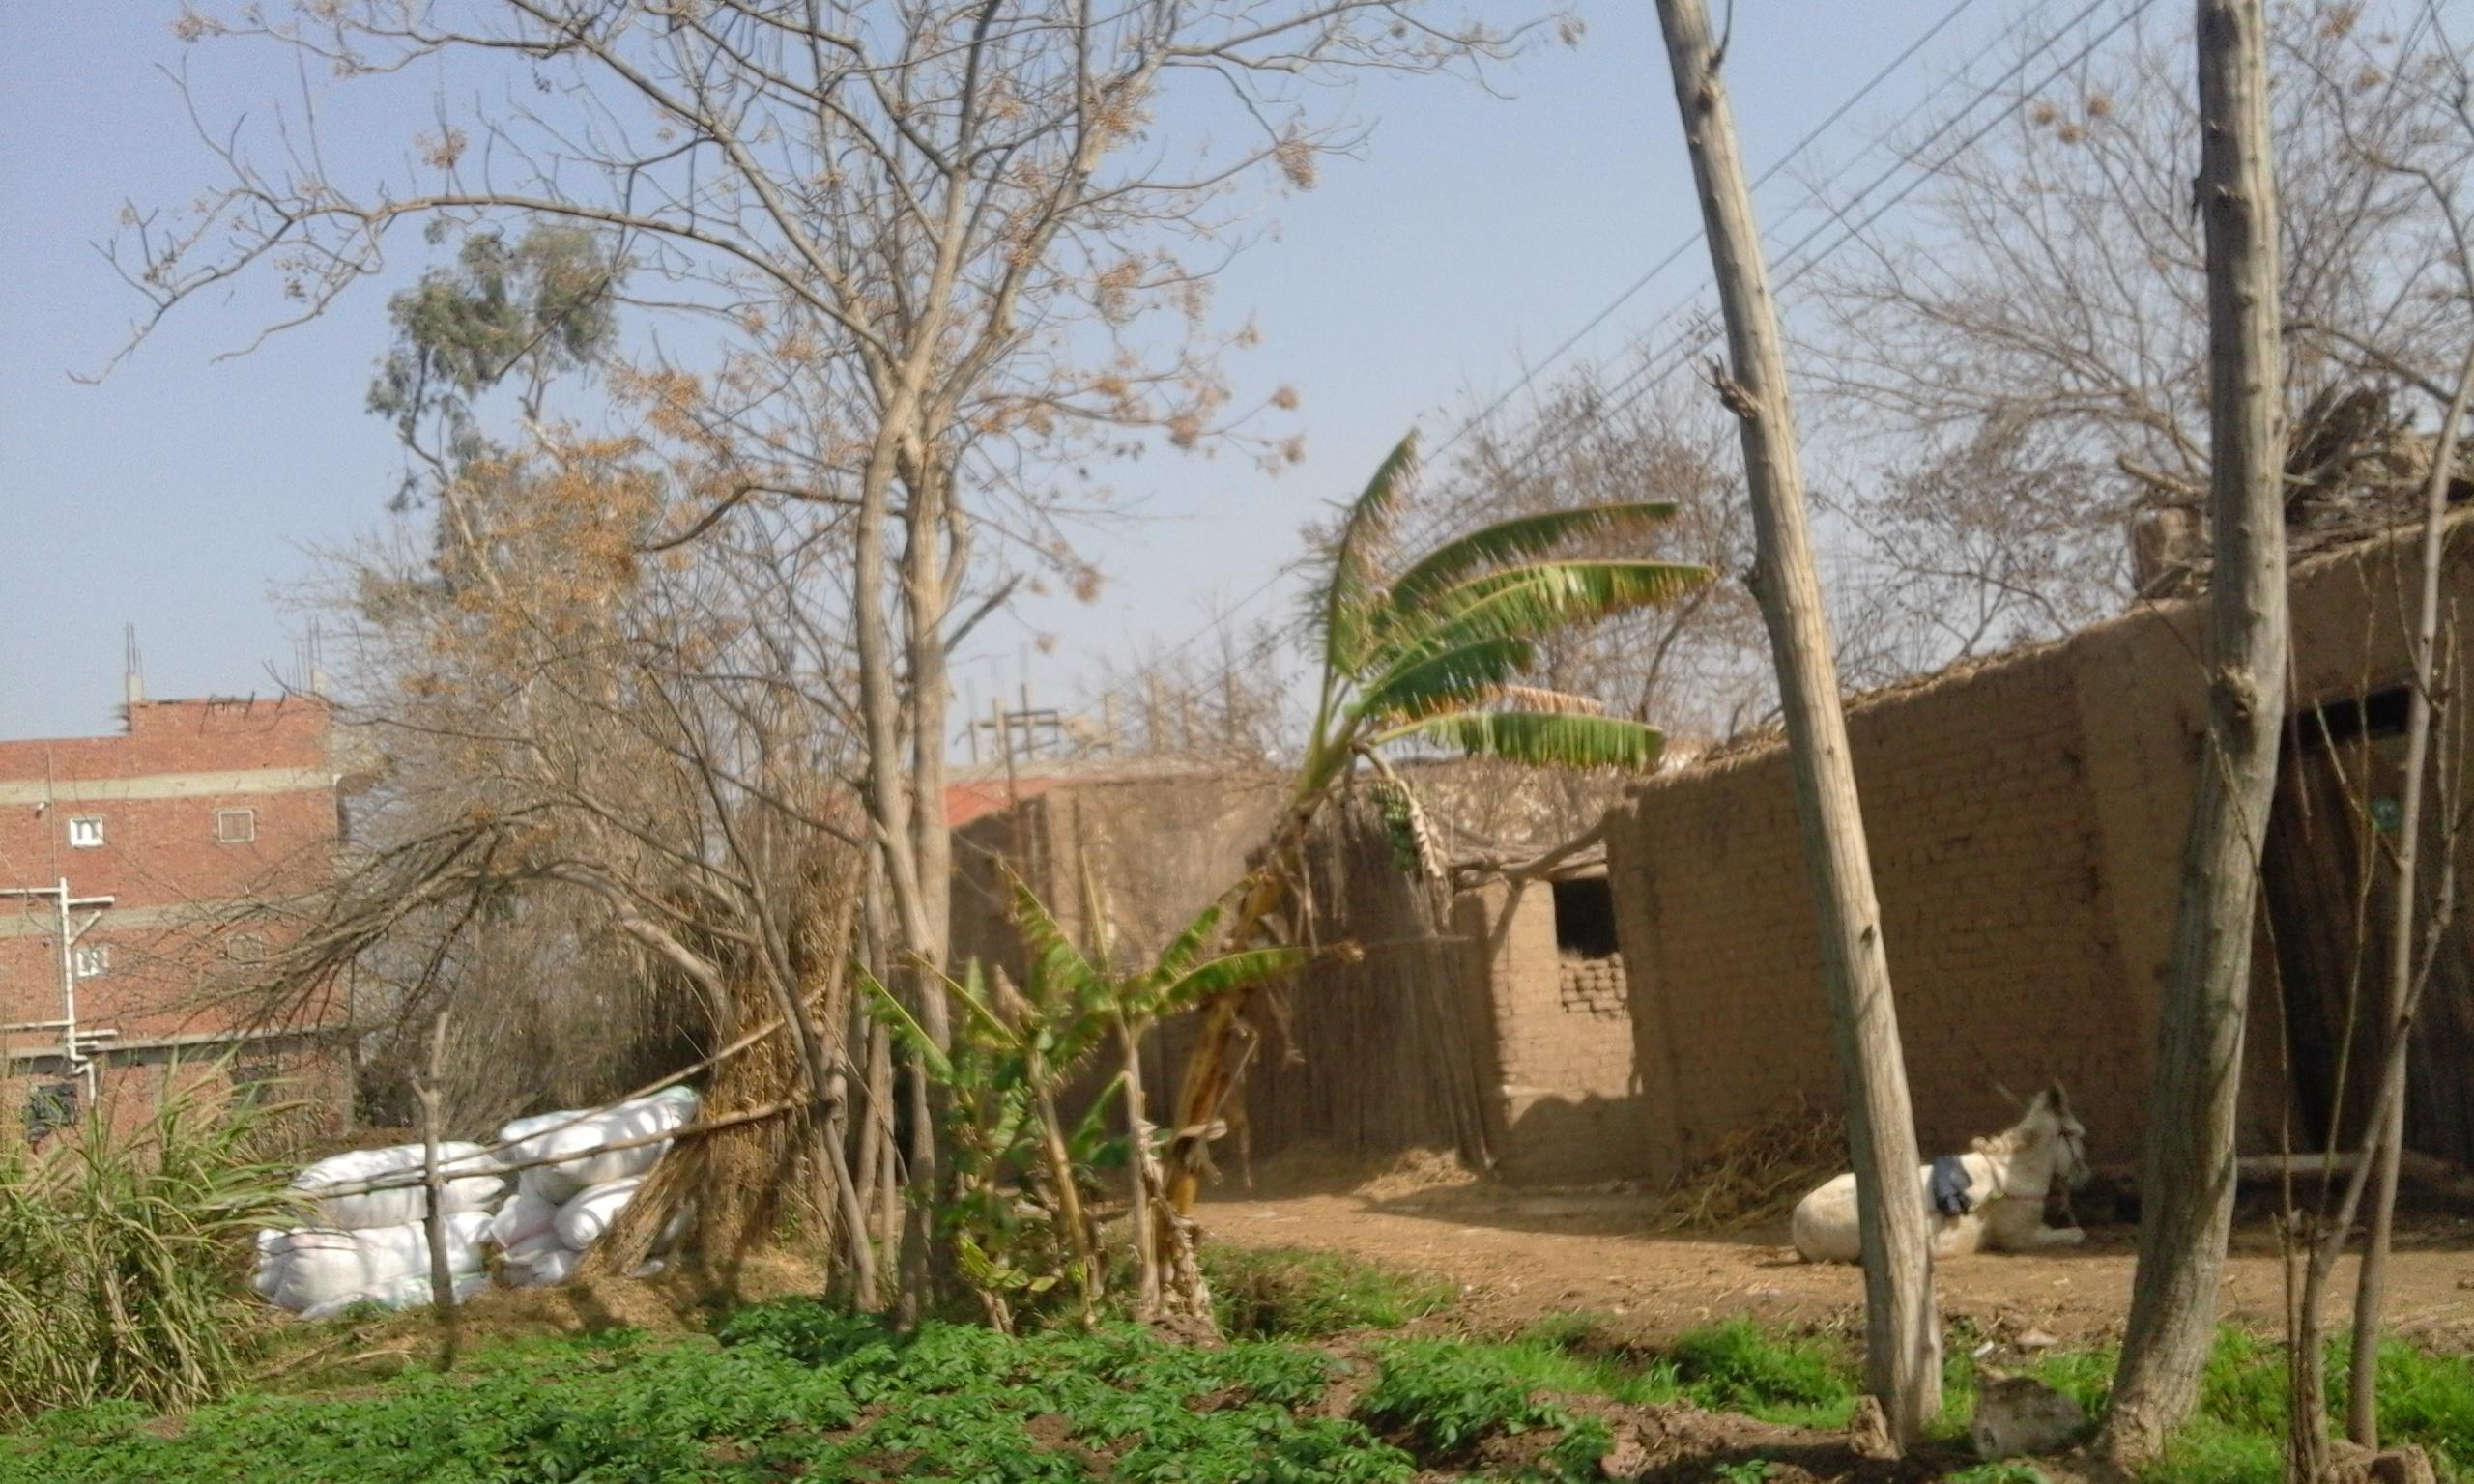 بيوت المواطنين التي ستتعرض للهدم بعد تغيير مسار طريق بنها ـ السادات